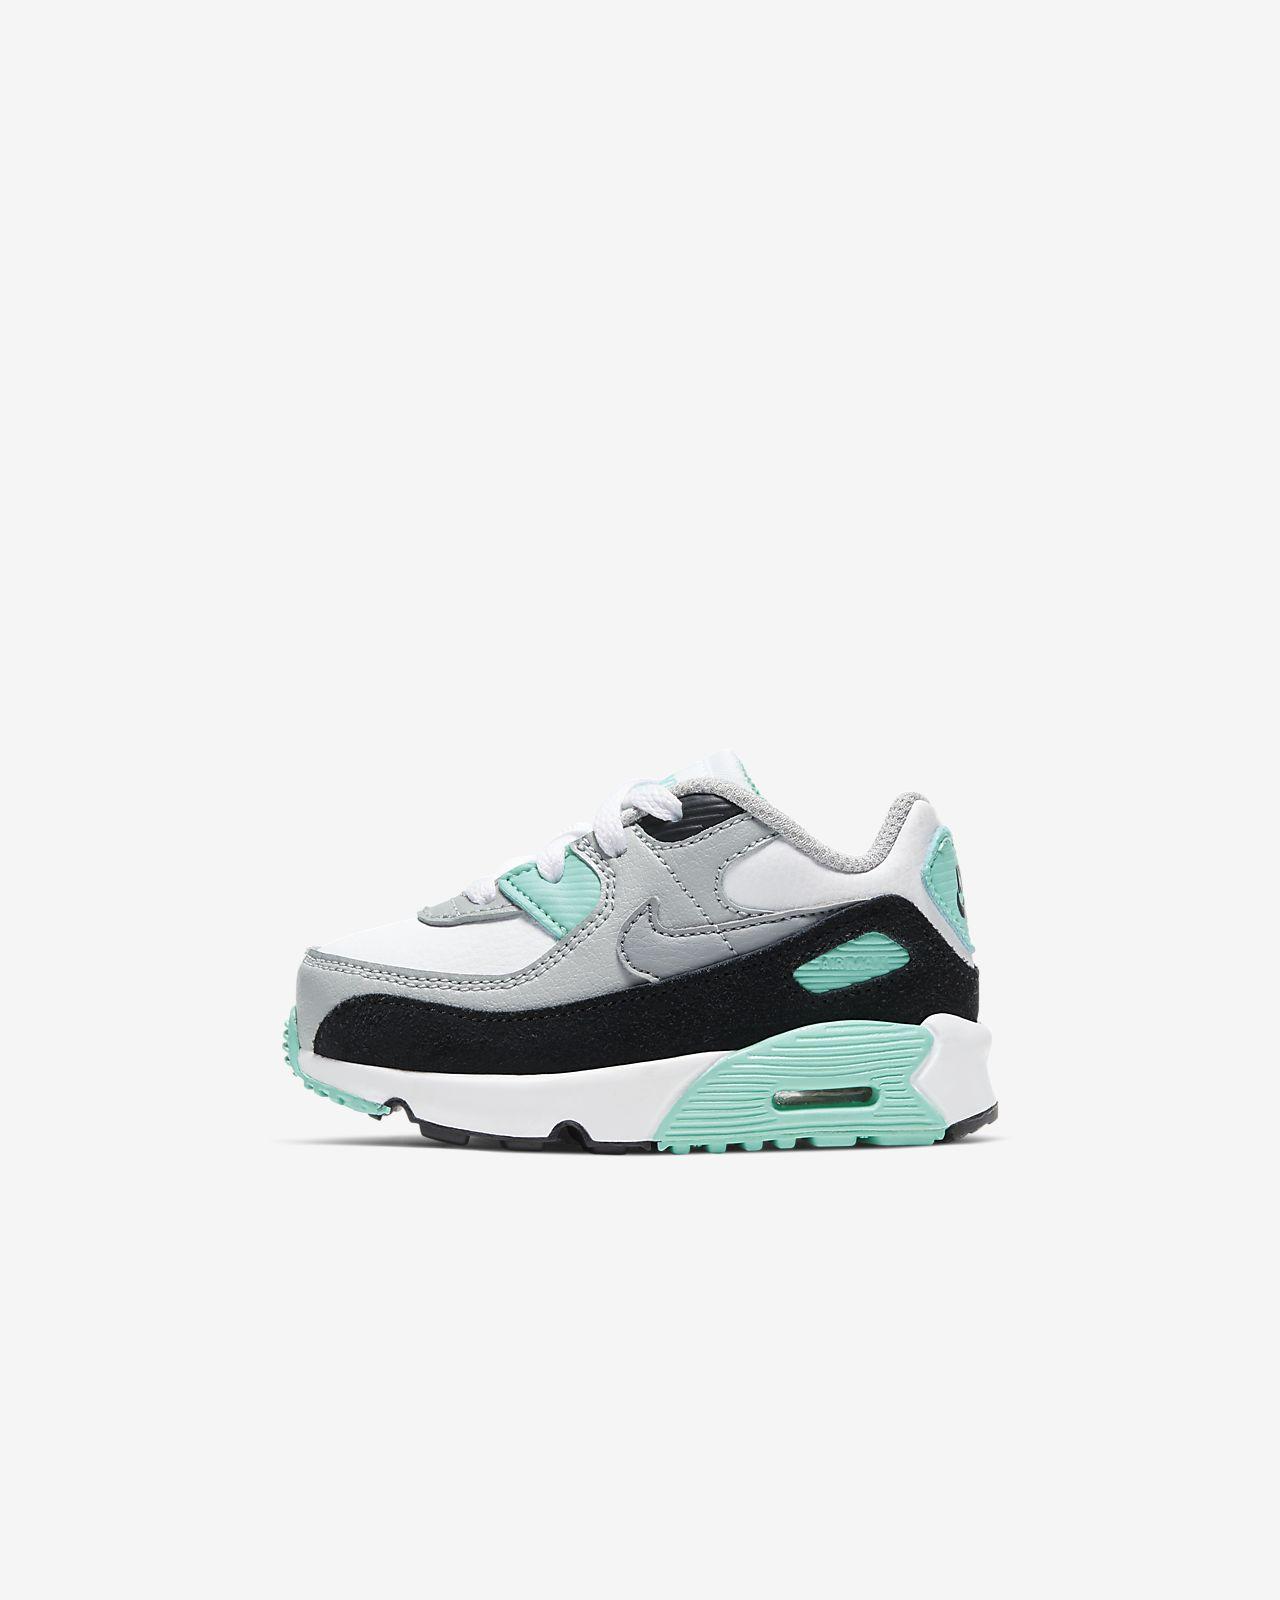 Sko Nike Air Max 90 för babysmå barn